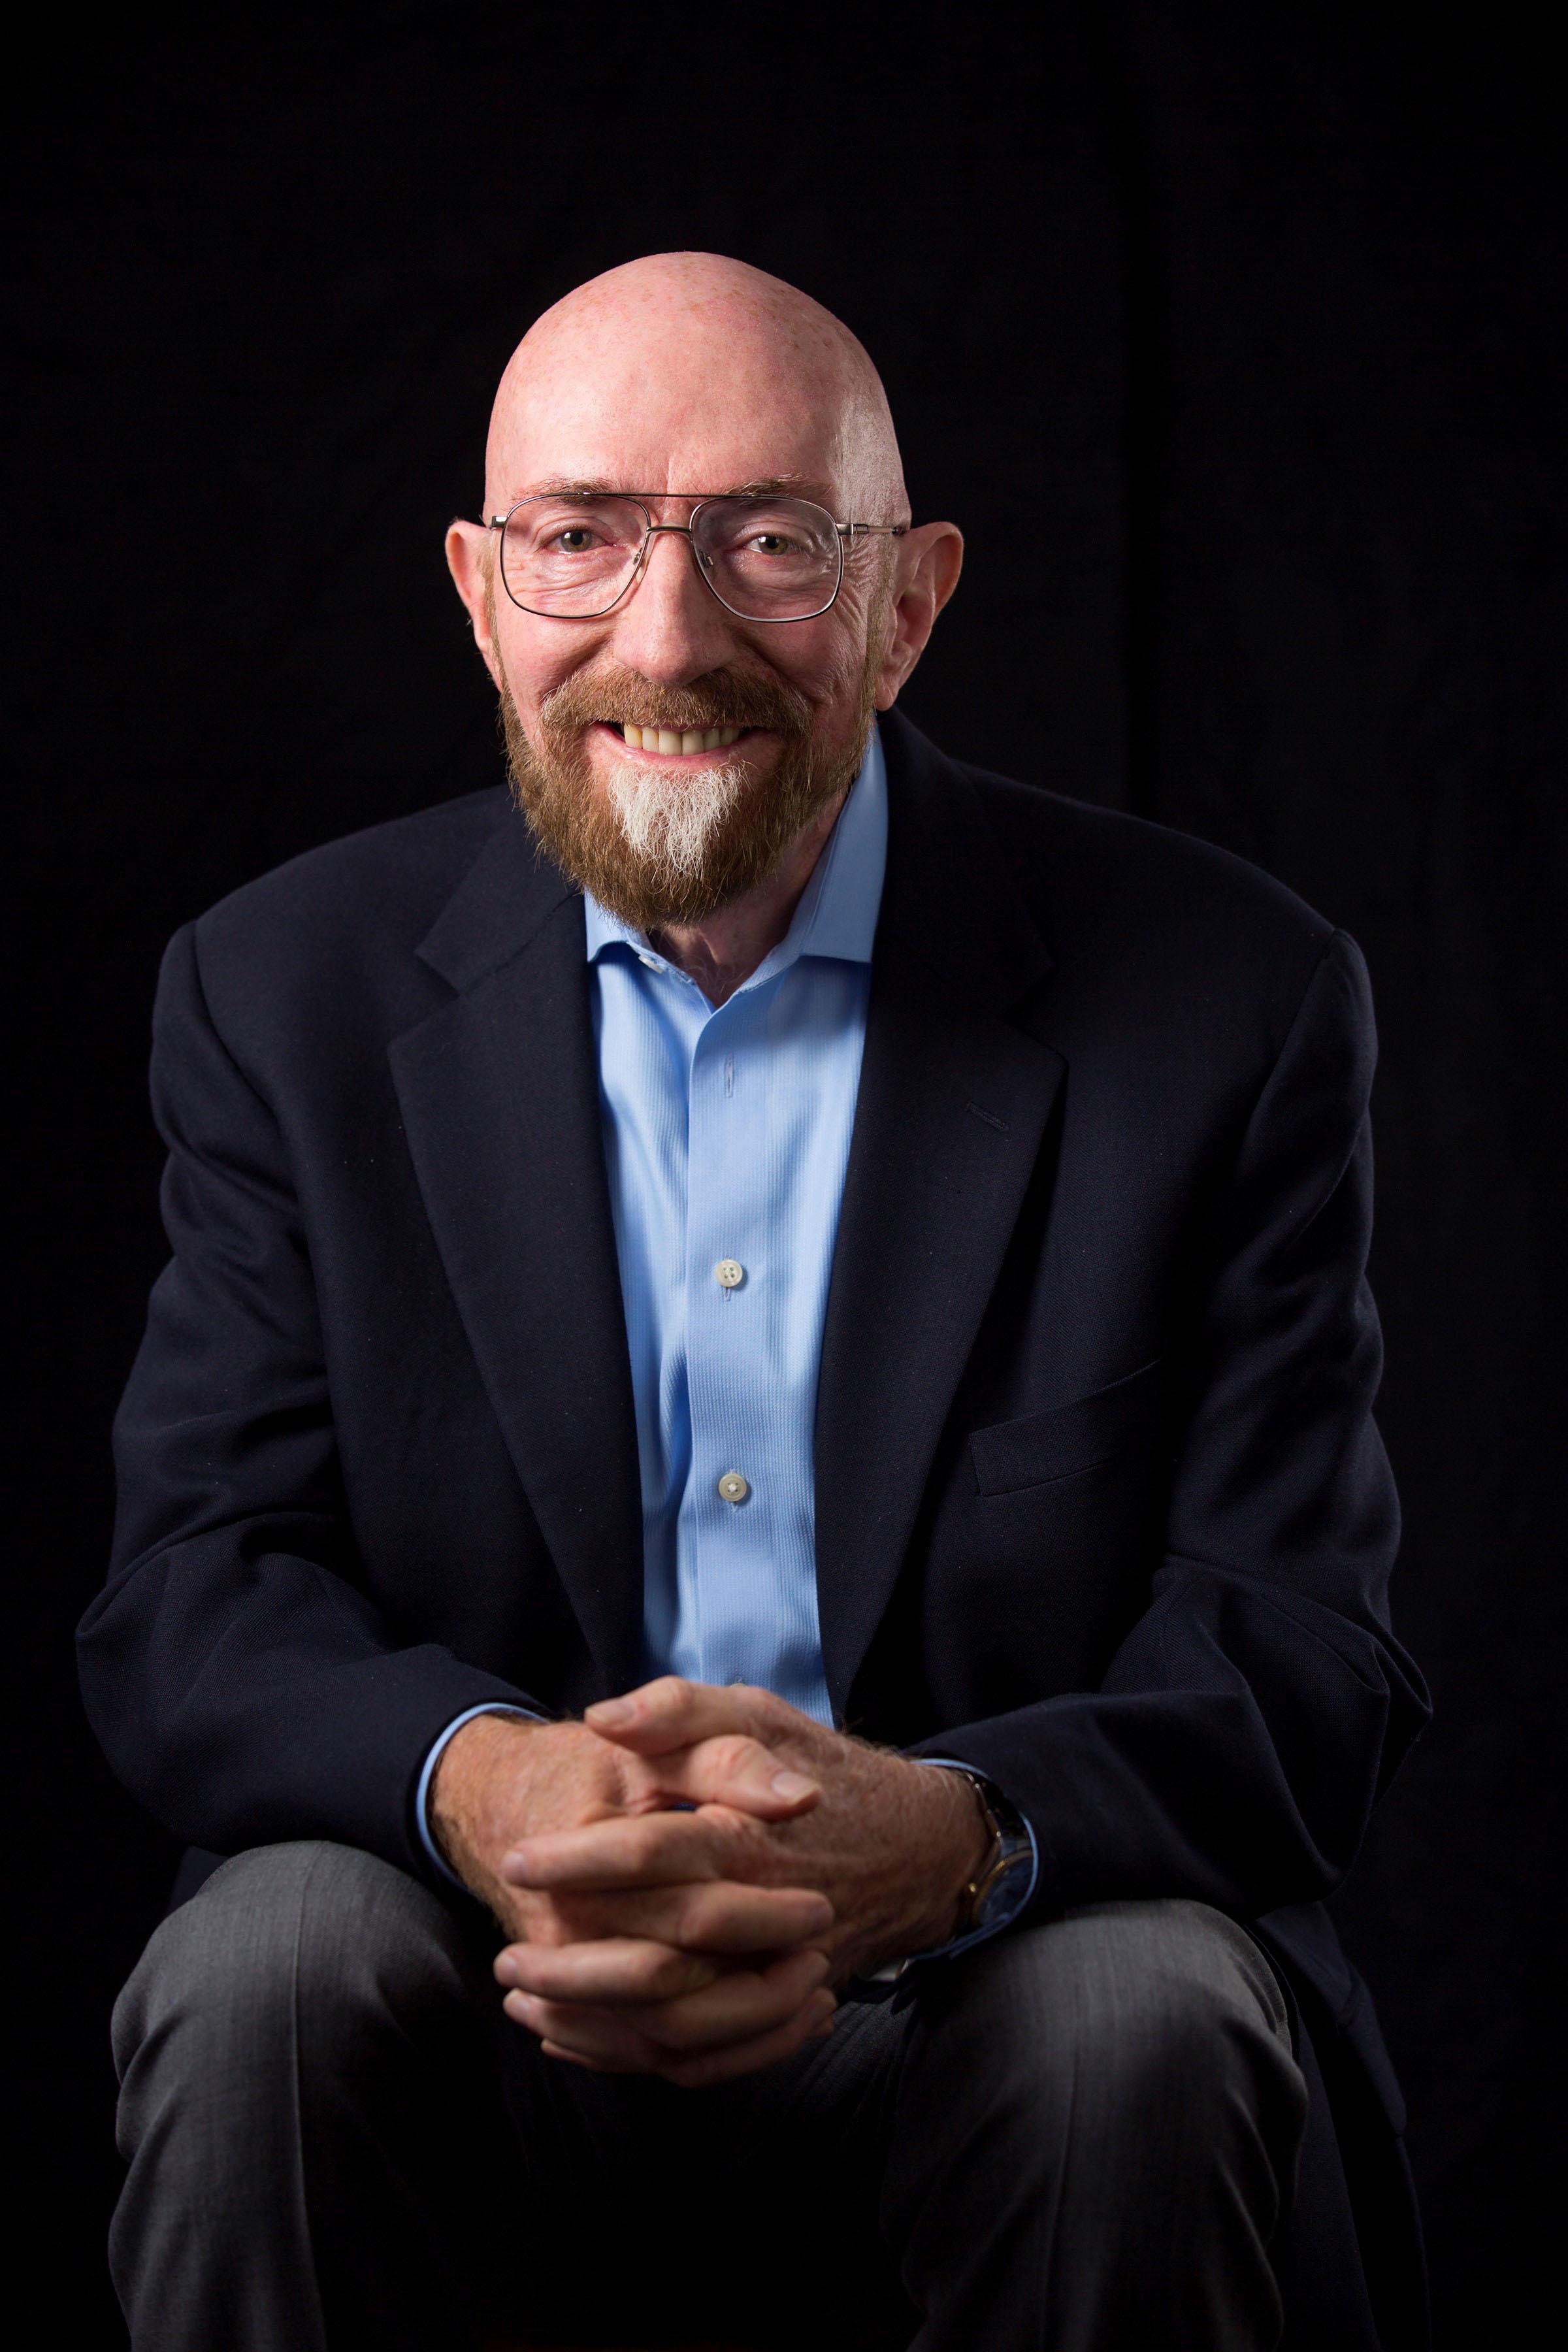 astrophysicist kip s  thorne to hold einstein lecture